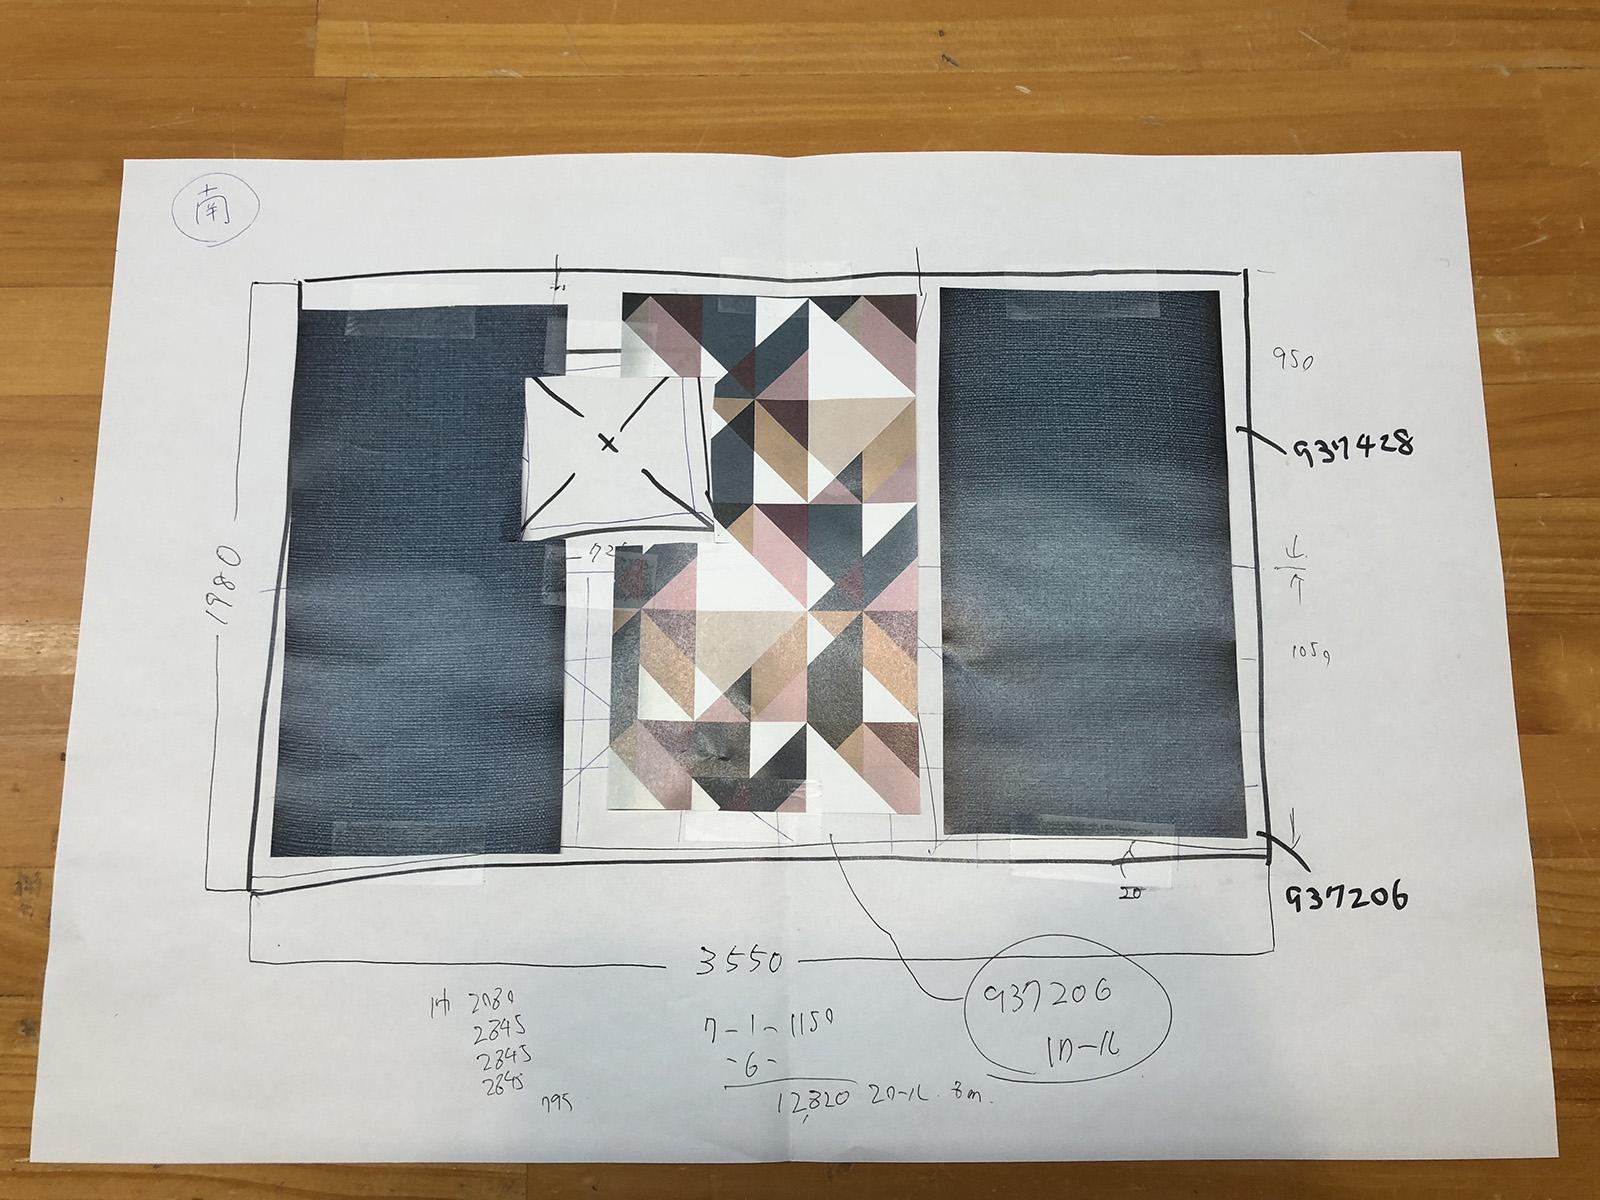 素人が作成したプラン図は大目に見てください (笑)